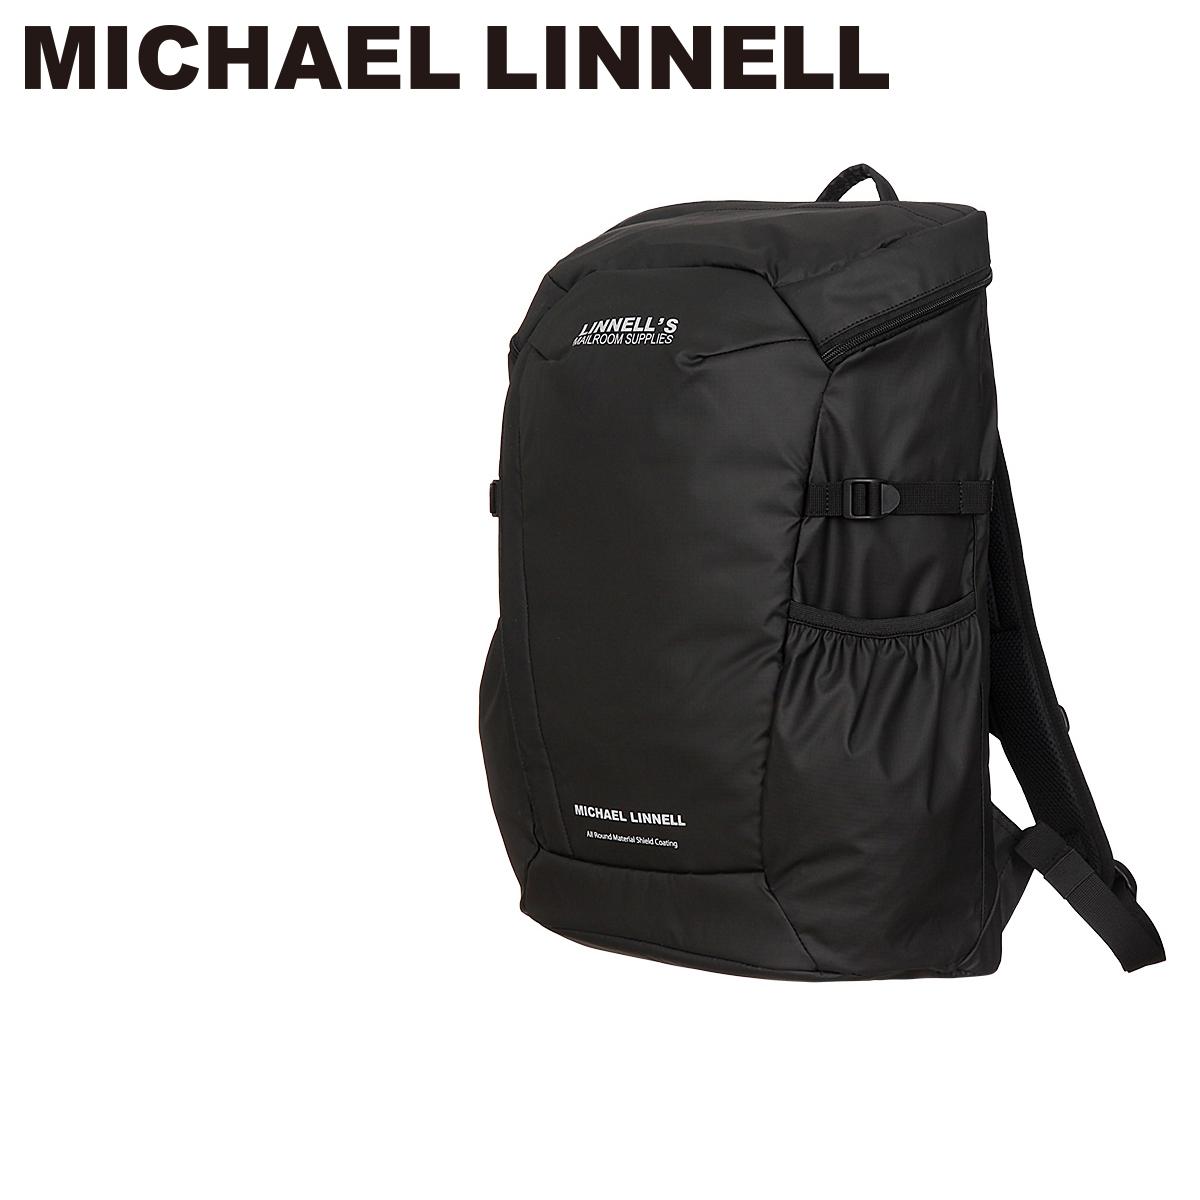 マイケルリンネル リュック MLAC-01 MICHAEL LINNELL コーデュラナイロン リフレクター 撥水 軽量 メンズ【PO10】【bef】